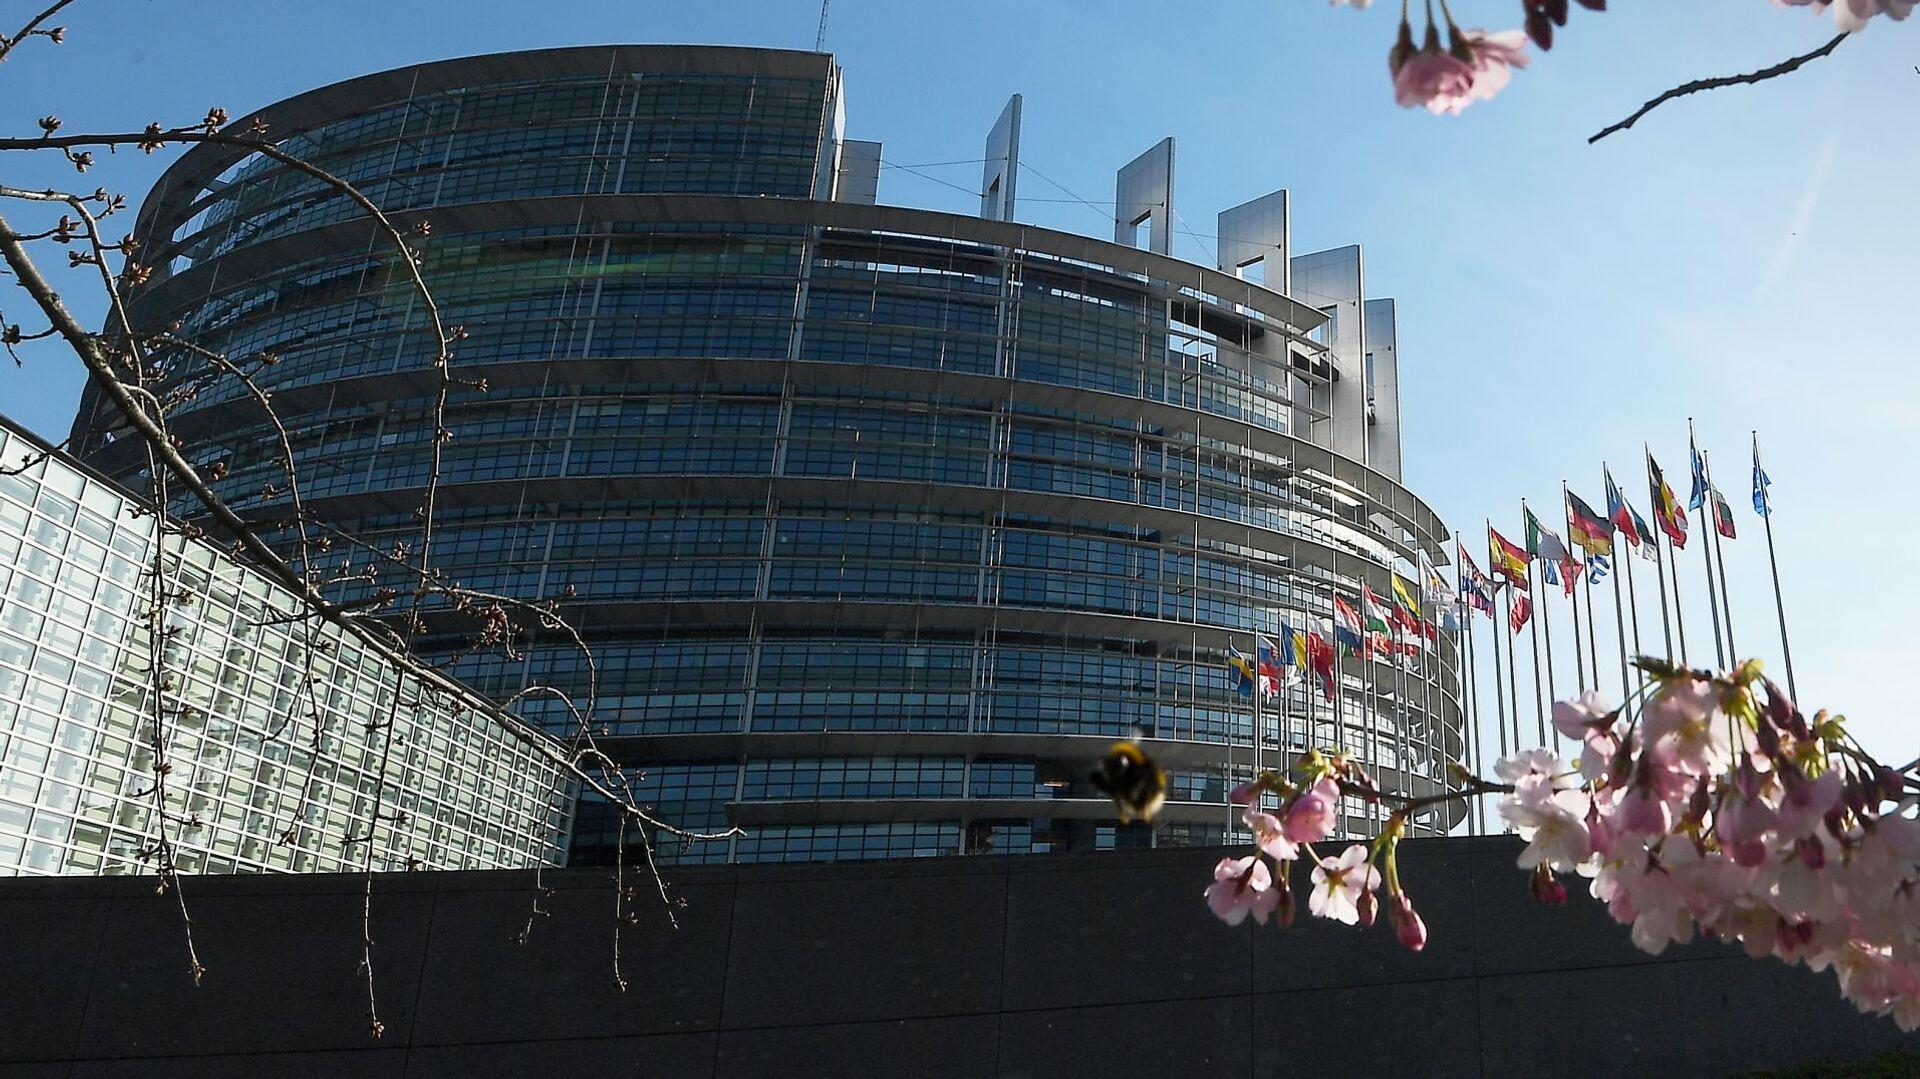 Цветущая вишня у здания Европейсого парламента в Страсбурге, Франция - Sputnik Грузия, 1920, 30.09.2021